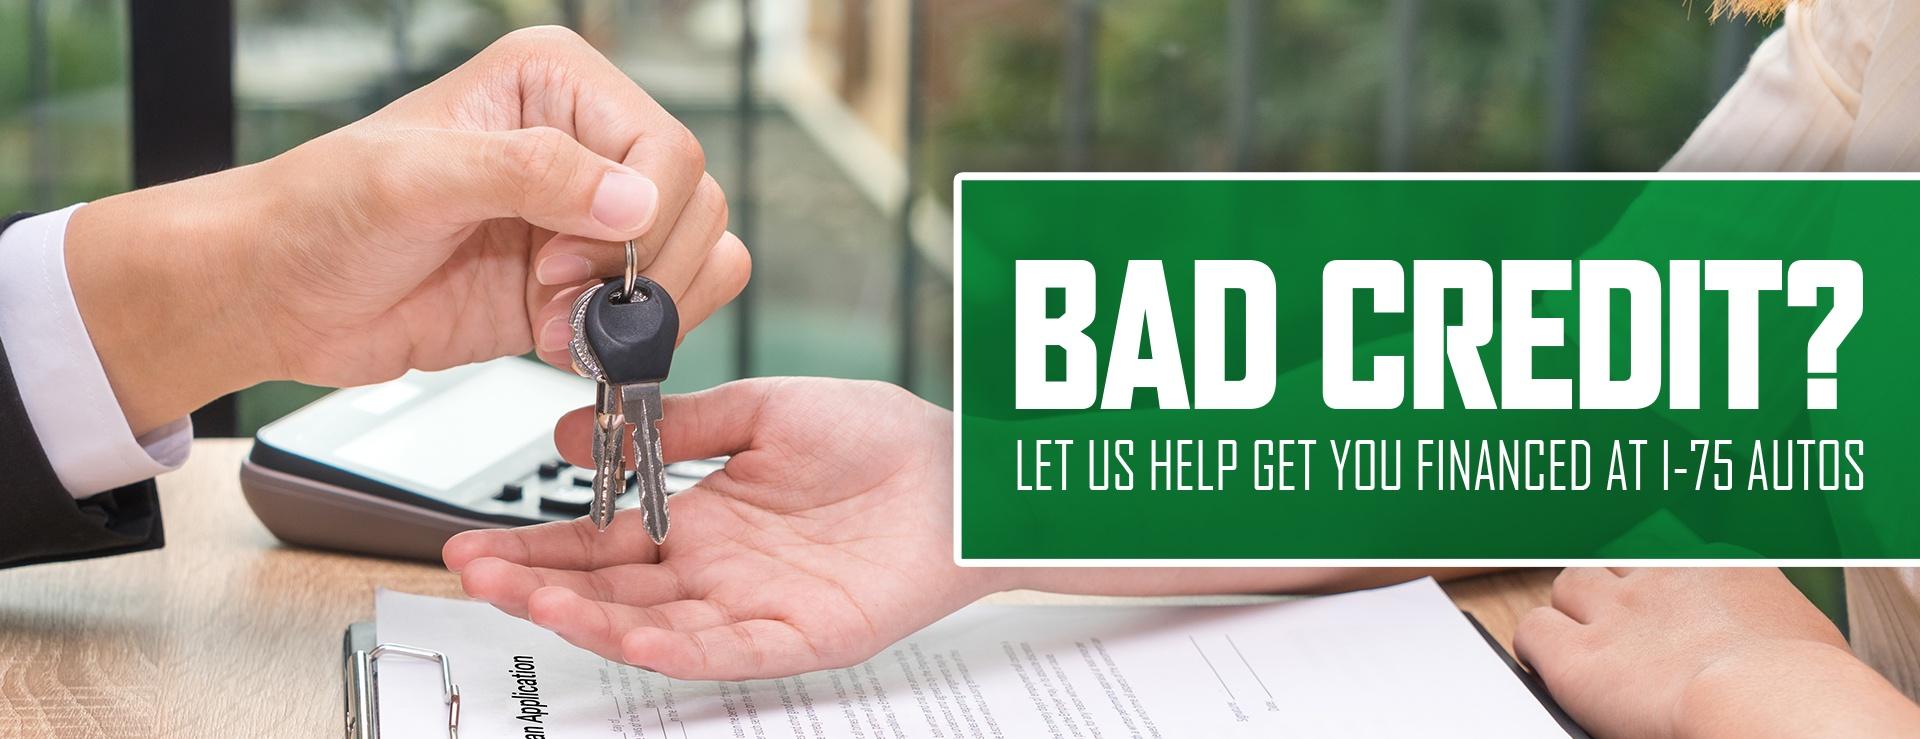 Bad Credit? Let Us Help Get Financed At I-75 Motors